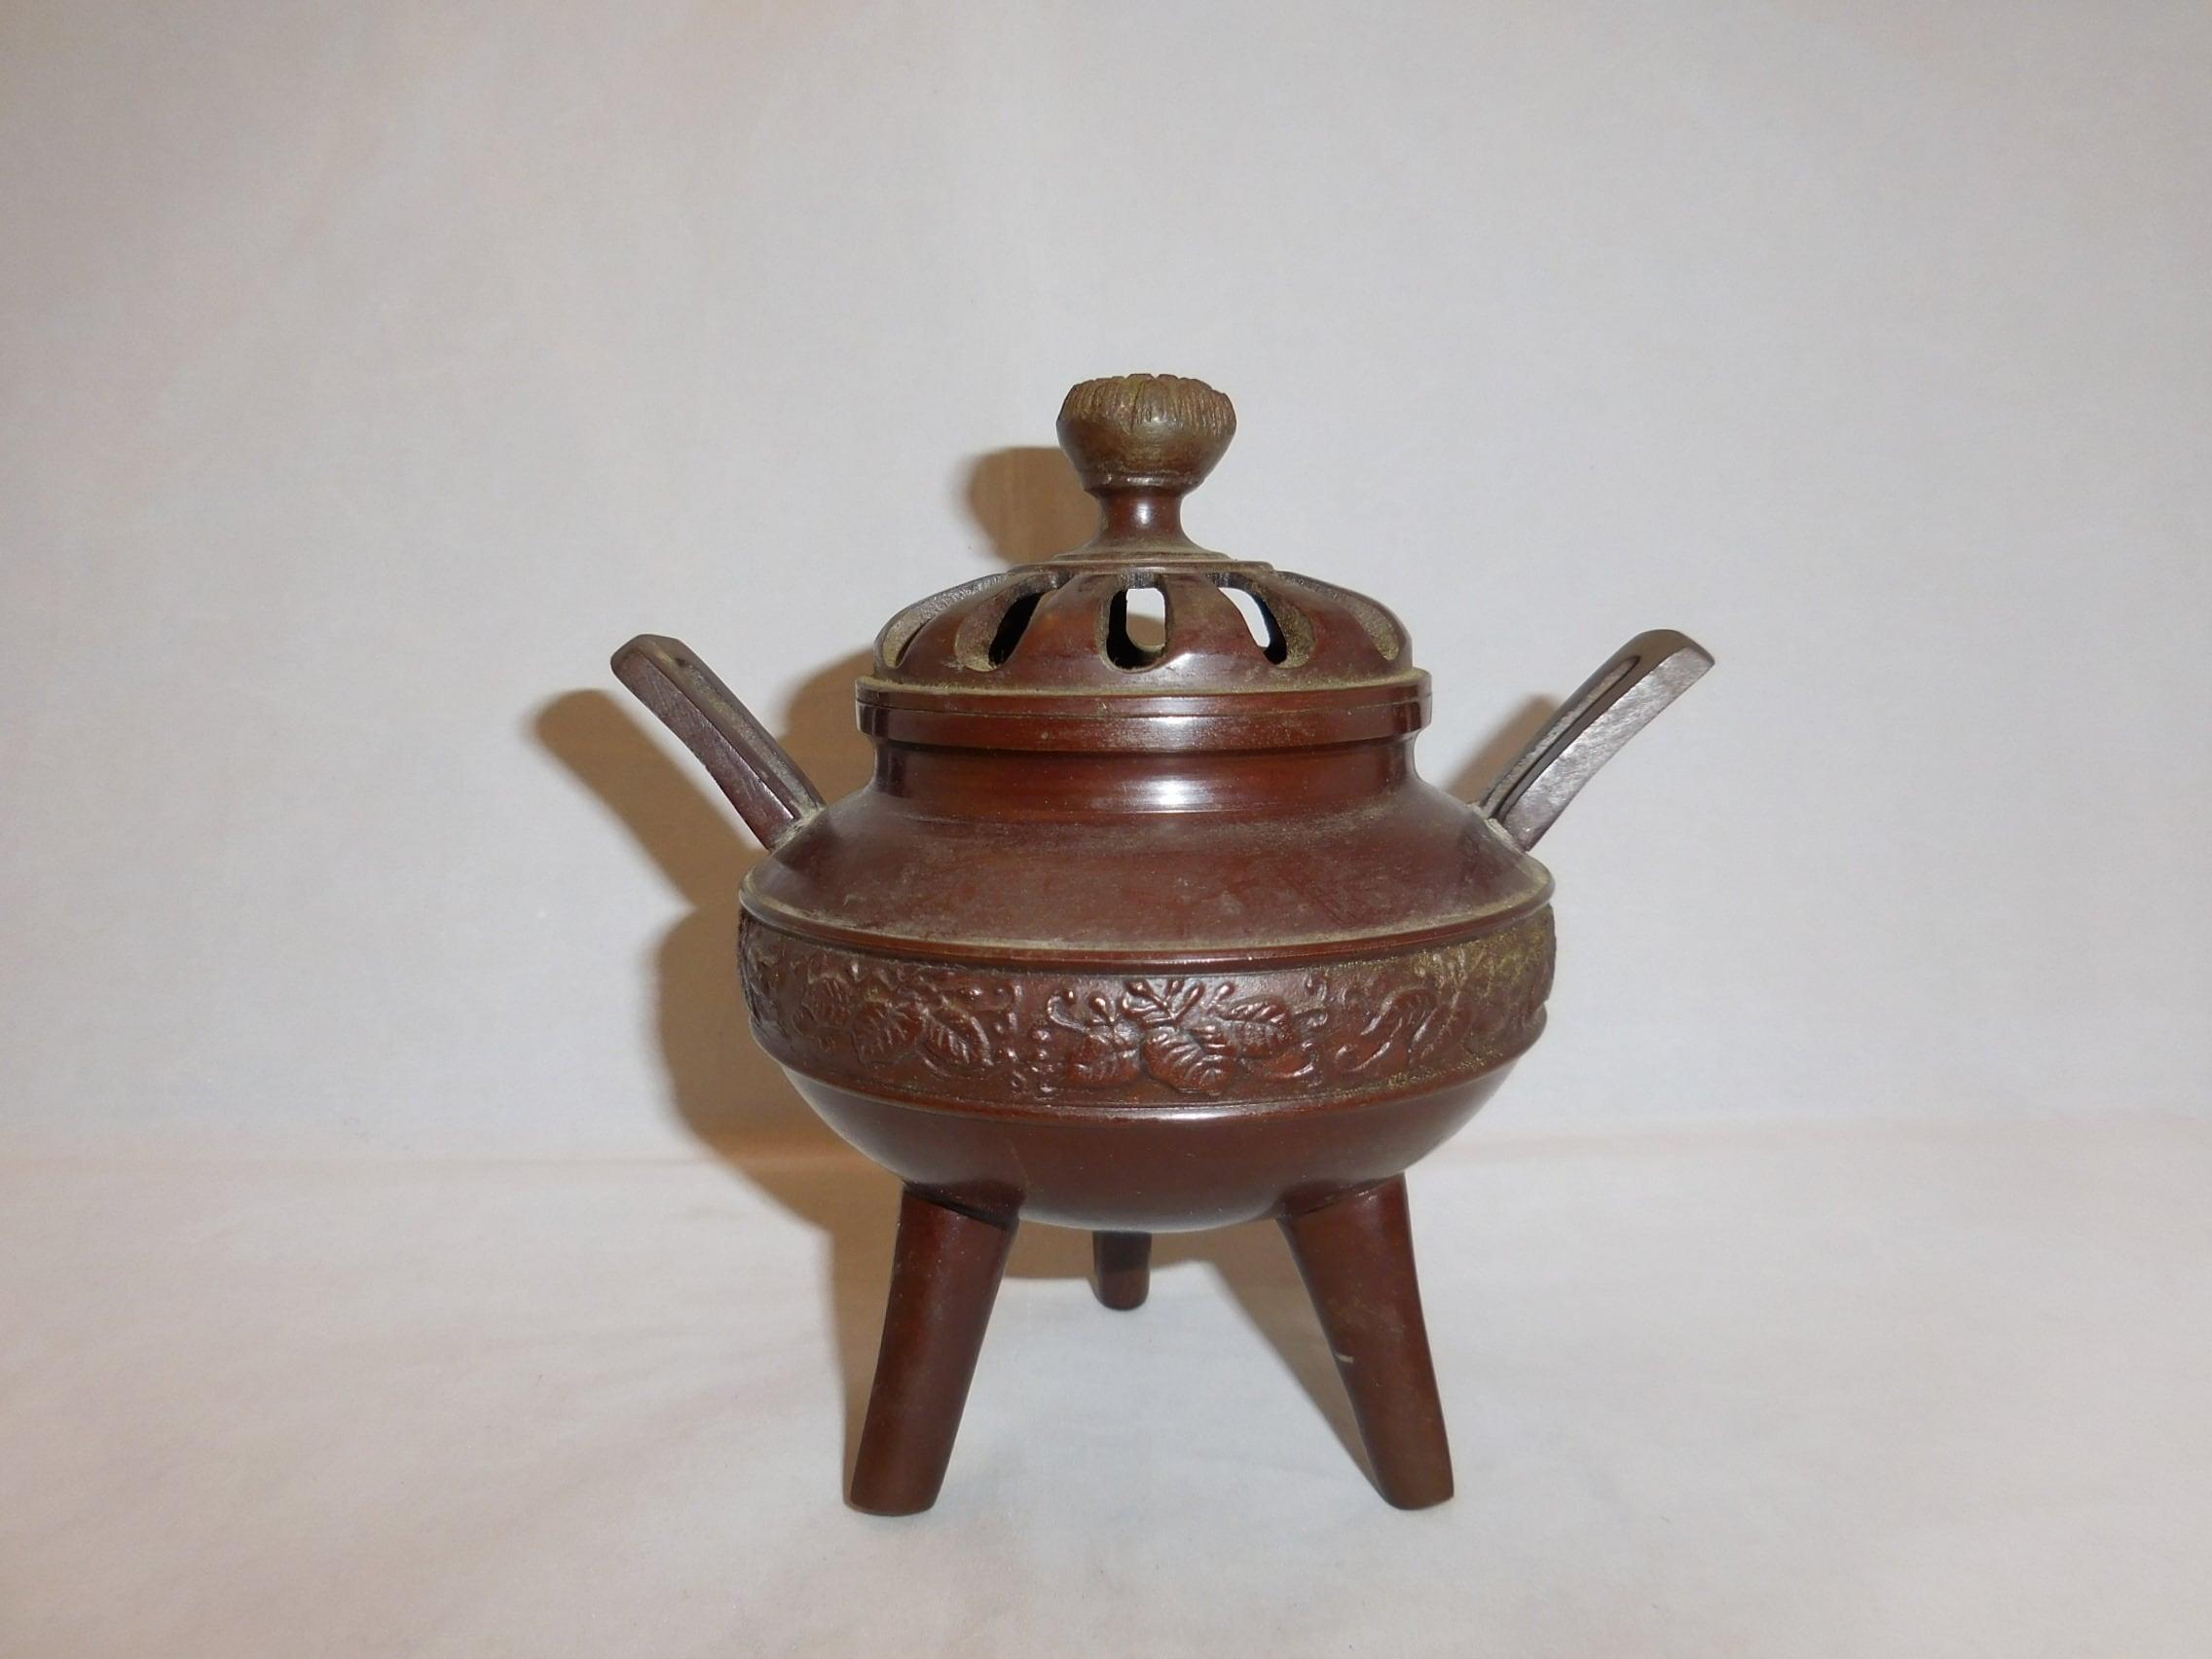 香炉 multi-metal incense burner